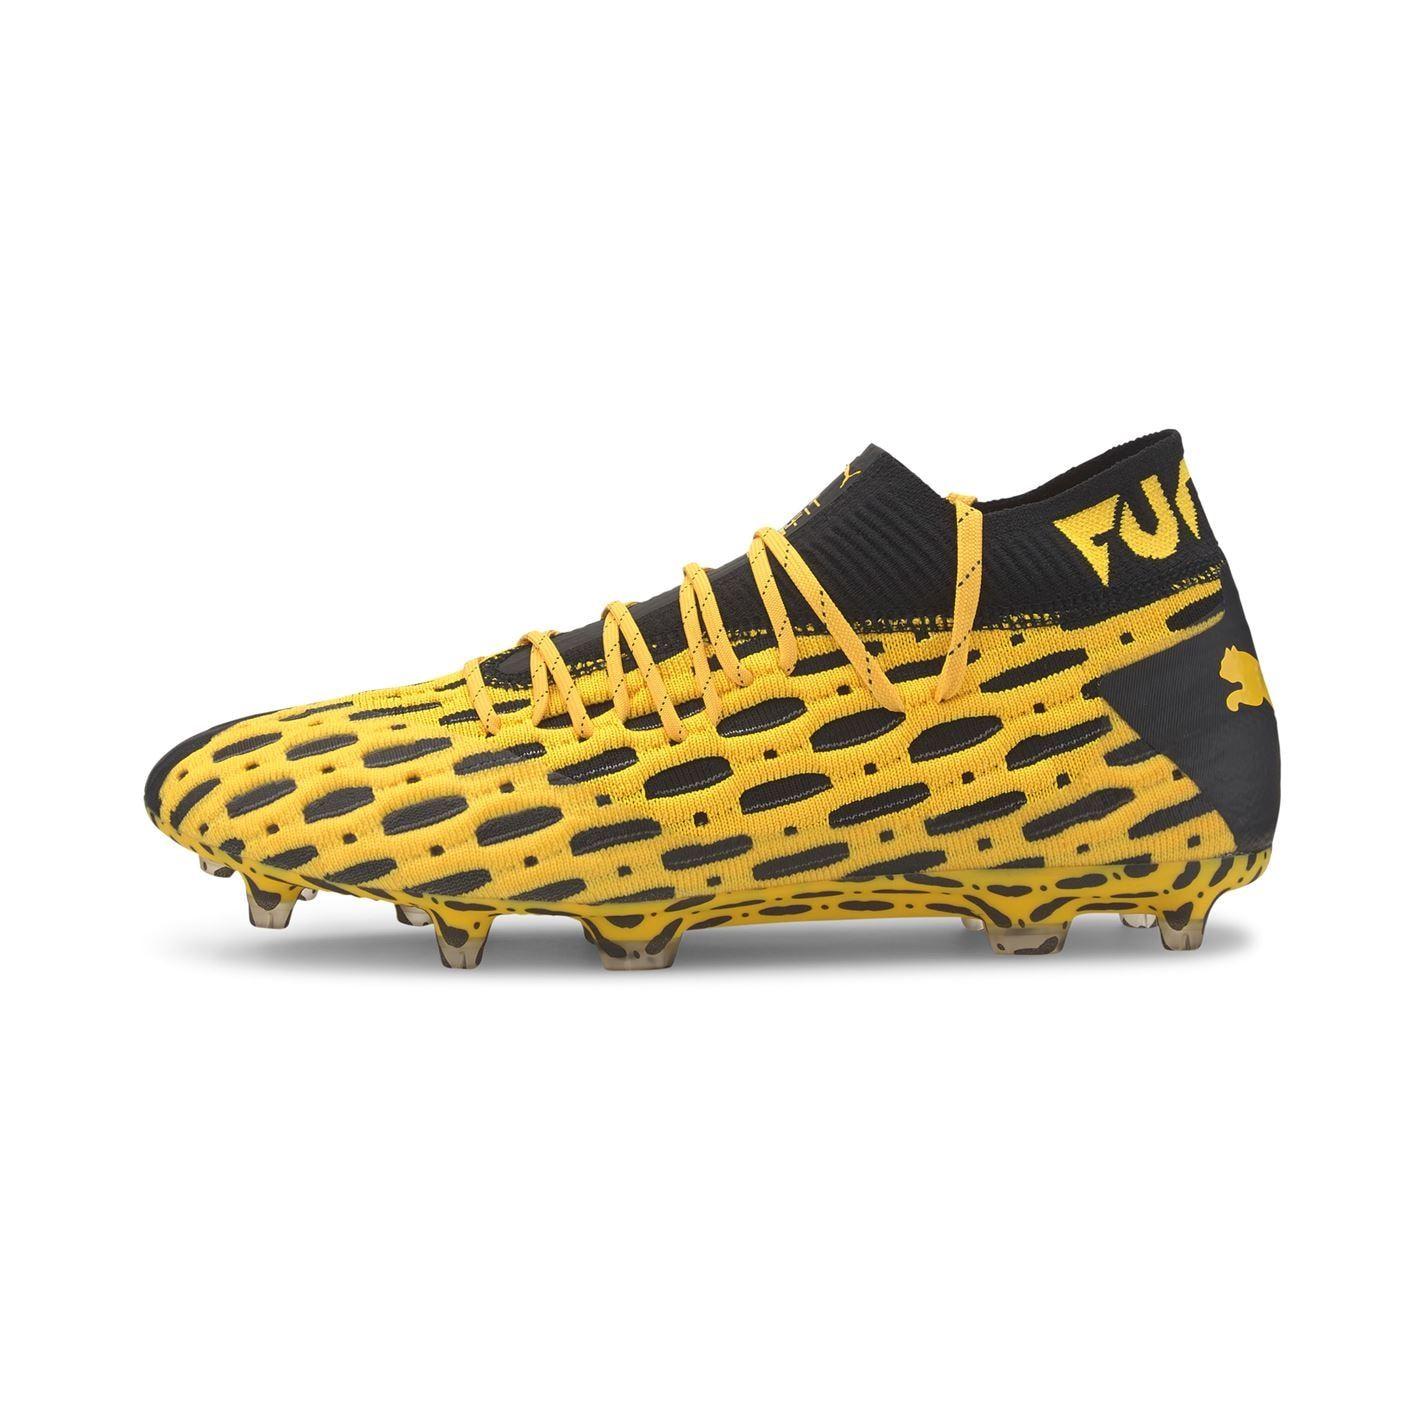 miniature 6 - Puma Future 5.1 Homme FG Firm Ground Chaussures De Football Chaussures de Foot Crampons Baskets